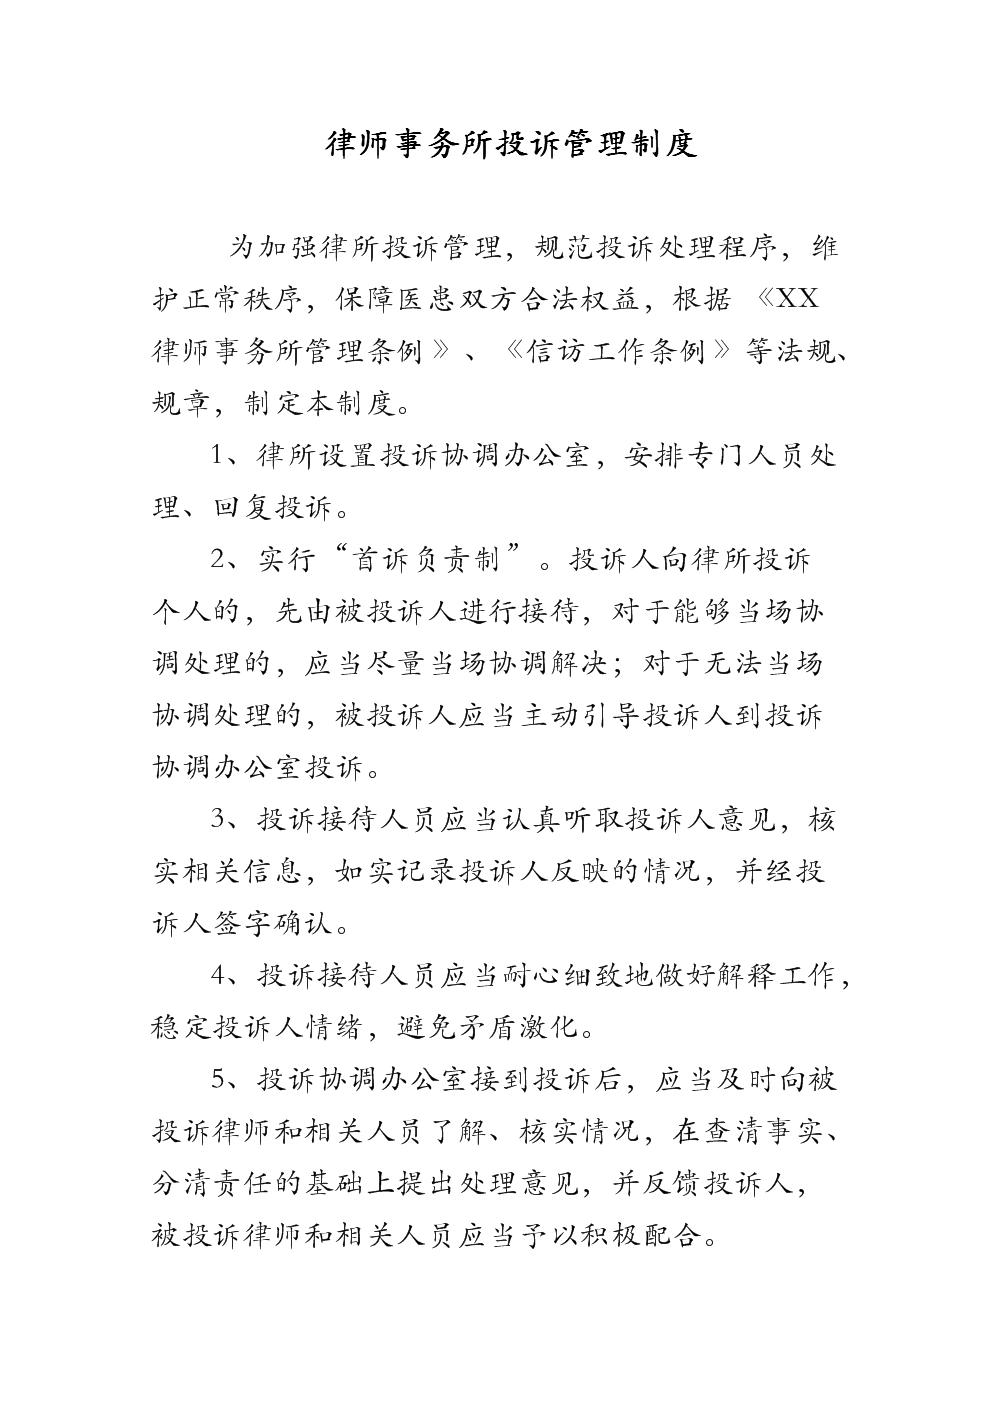 律师事务所投诉管理制度.doc